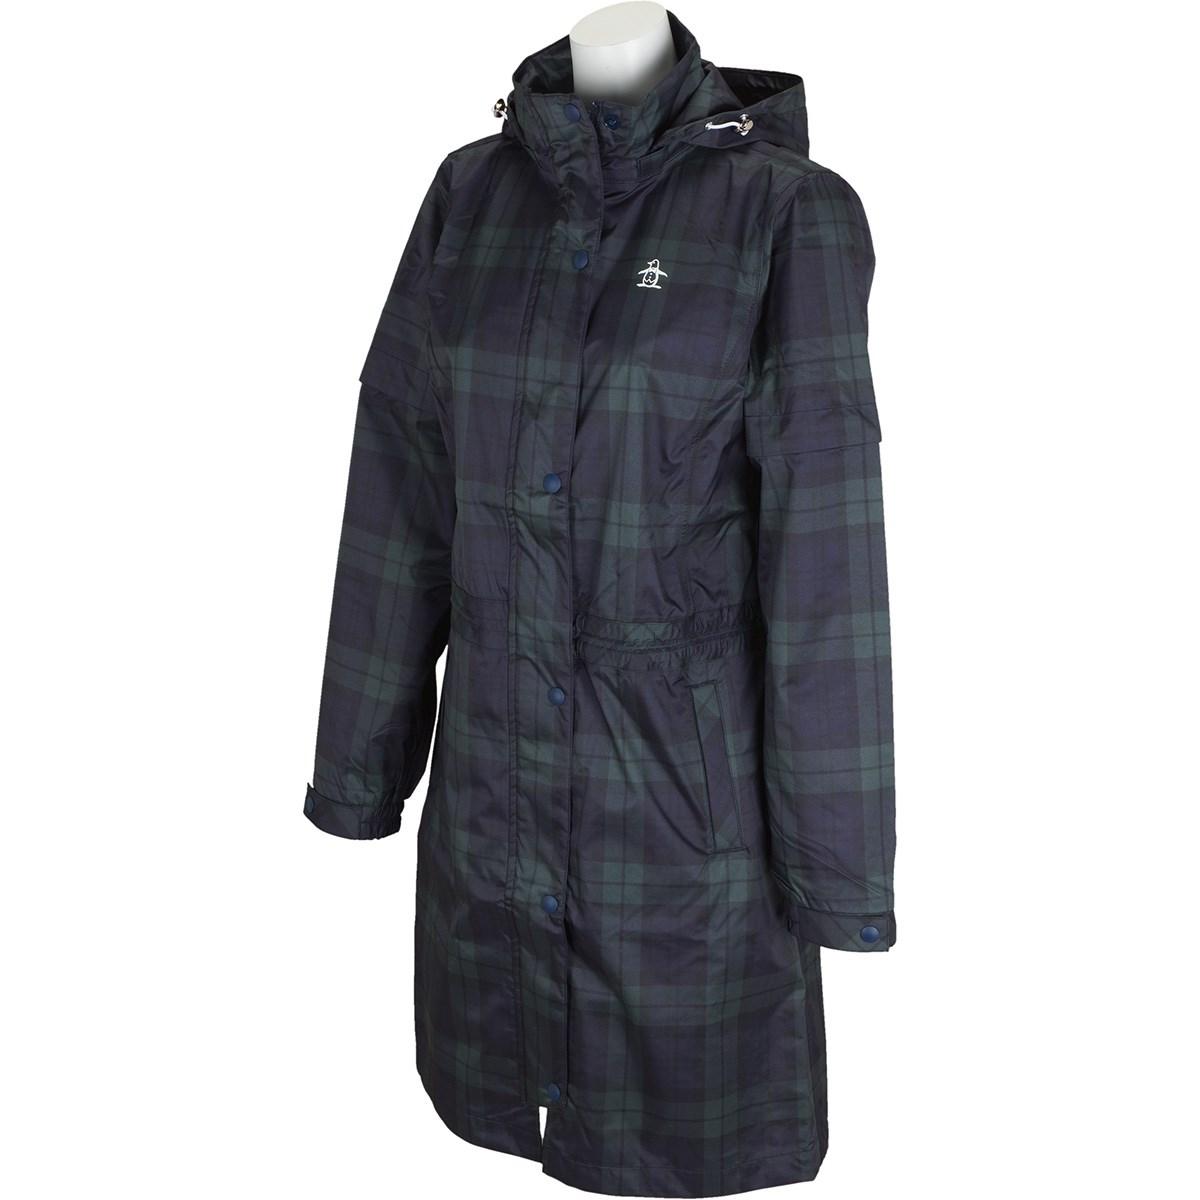 マンシングウェア Munsingwear 収納袋付きストレッチ ツイルプリント 2WAYレインワンピース S ブラック/グリーン レディス